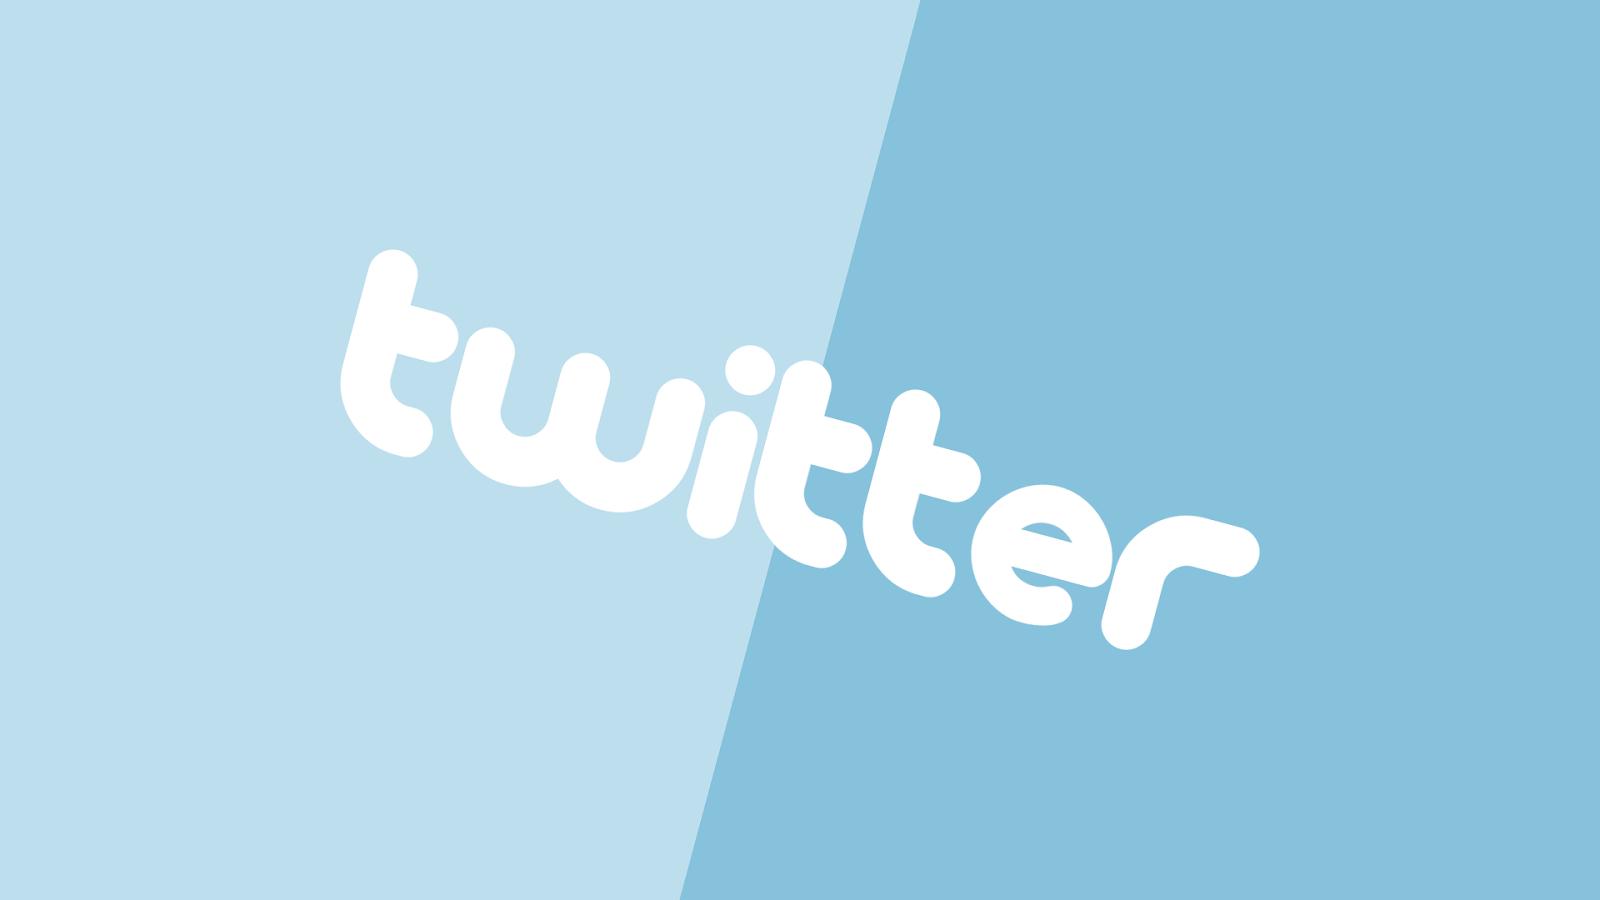 كتاب تويتر عربي | دليلك العملي للحصول يوميا على 50-60 متابعا مستهدفا | تويتر